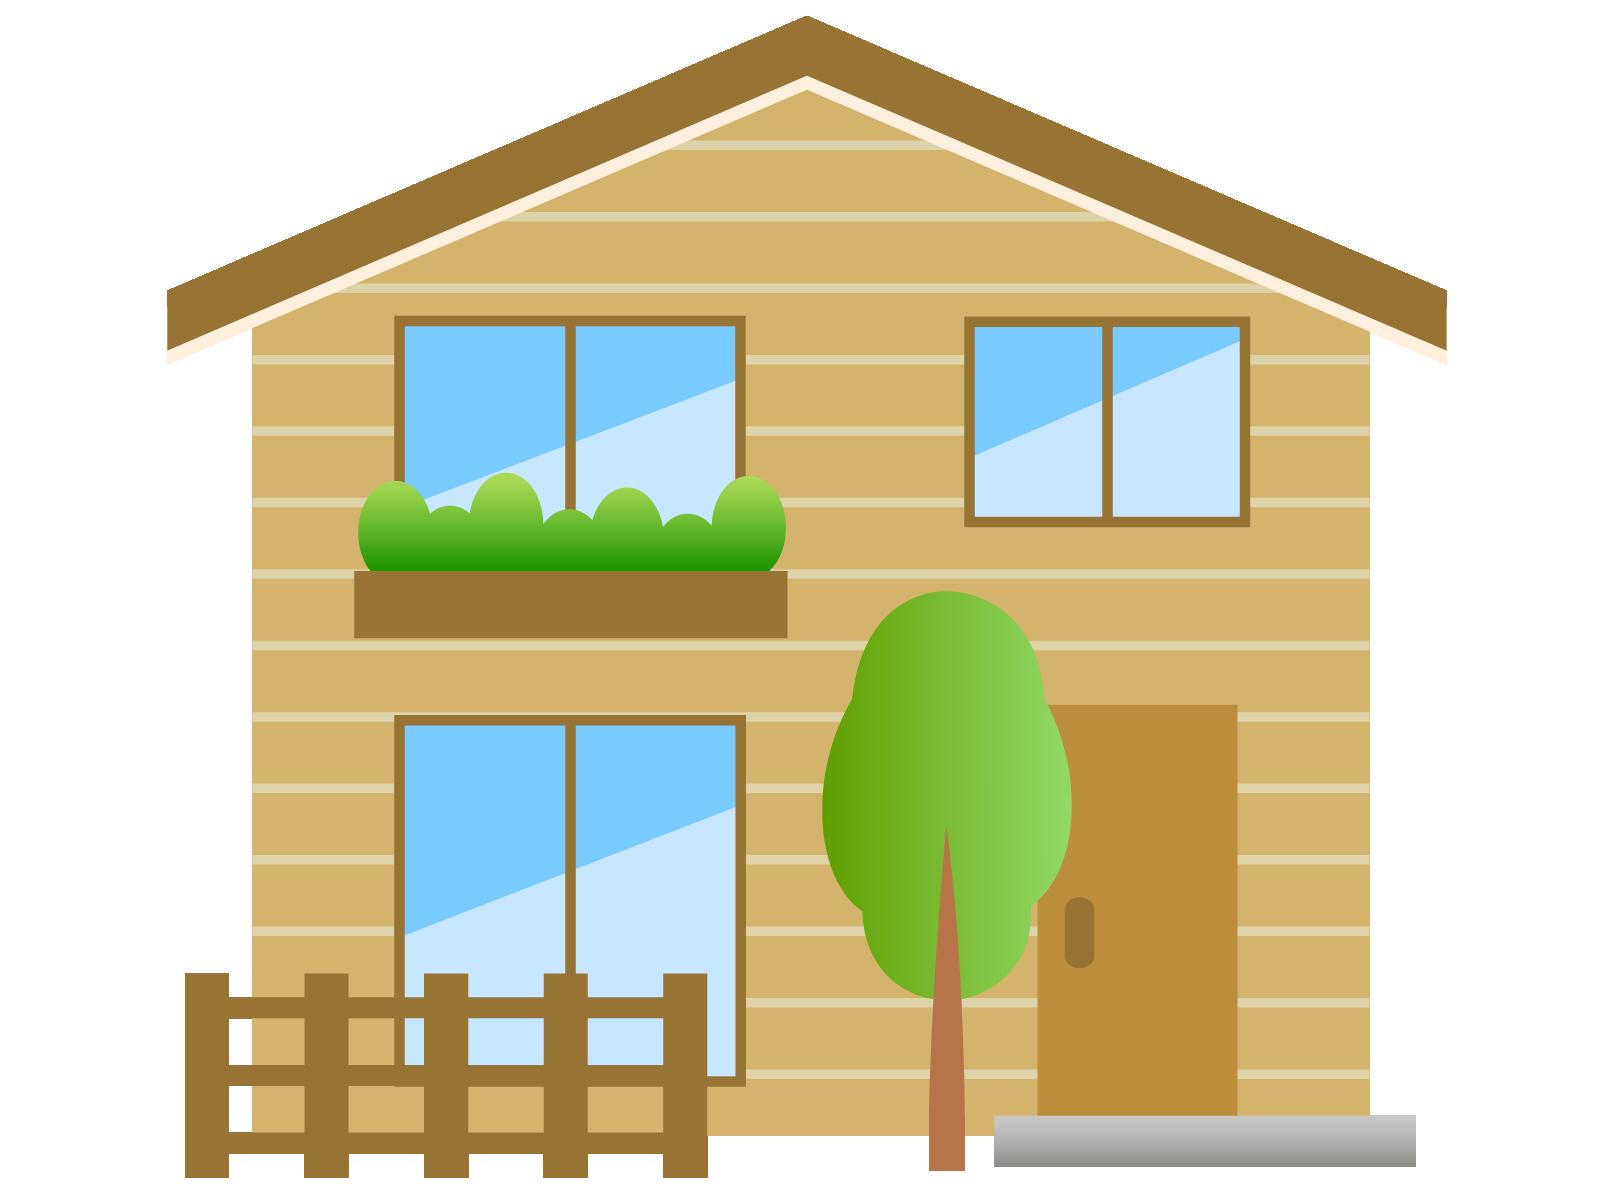 【住宅】日本の家の種類①-木造建物